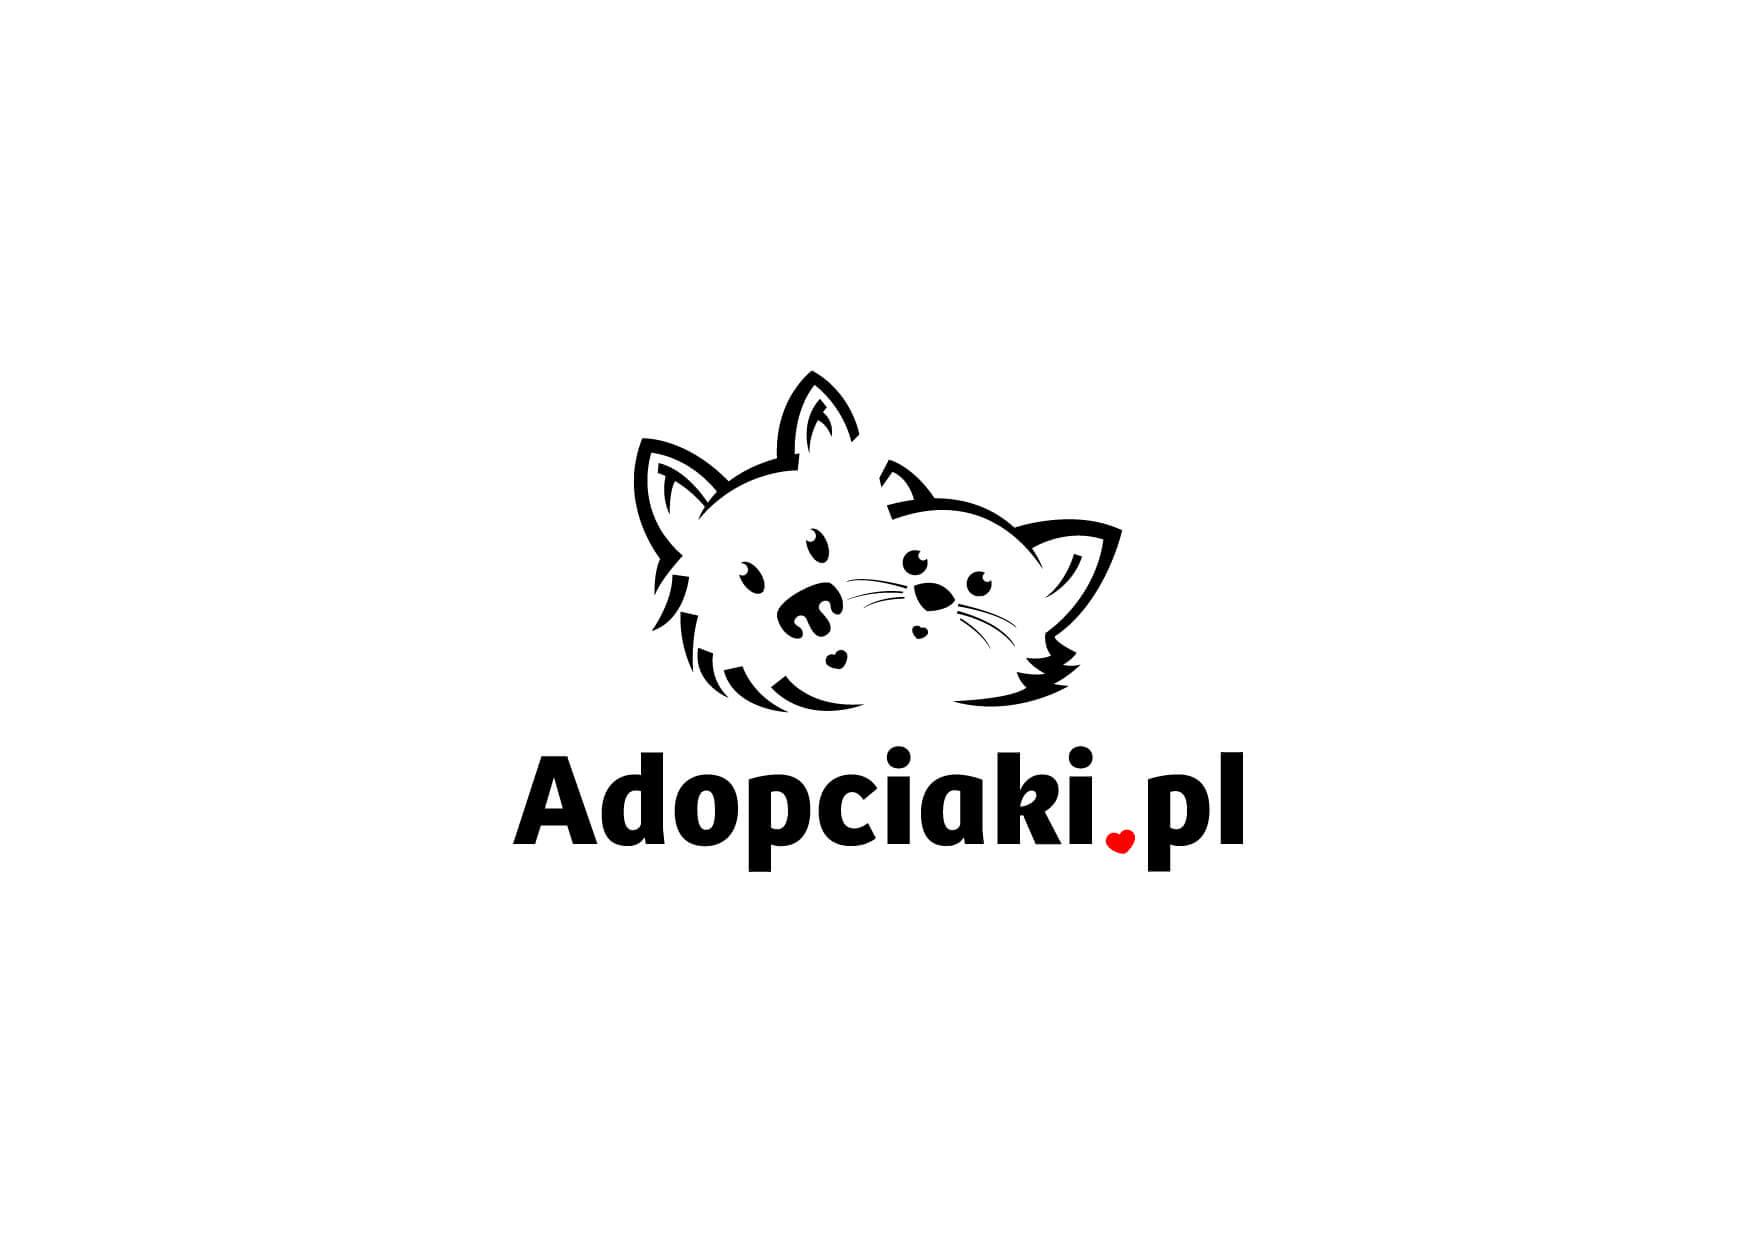 Logo Adopciaki.pl – Radzymin